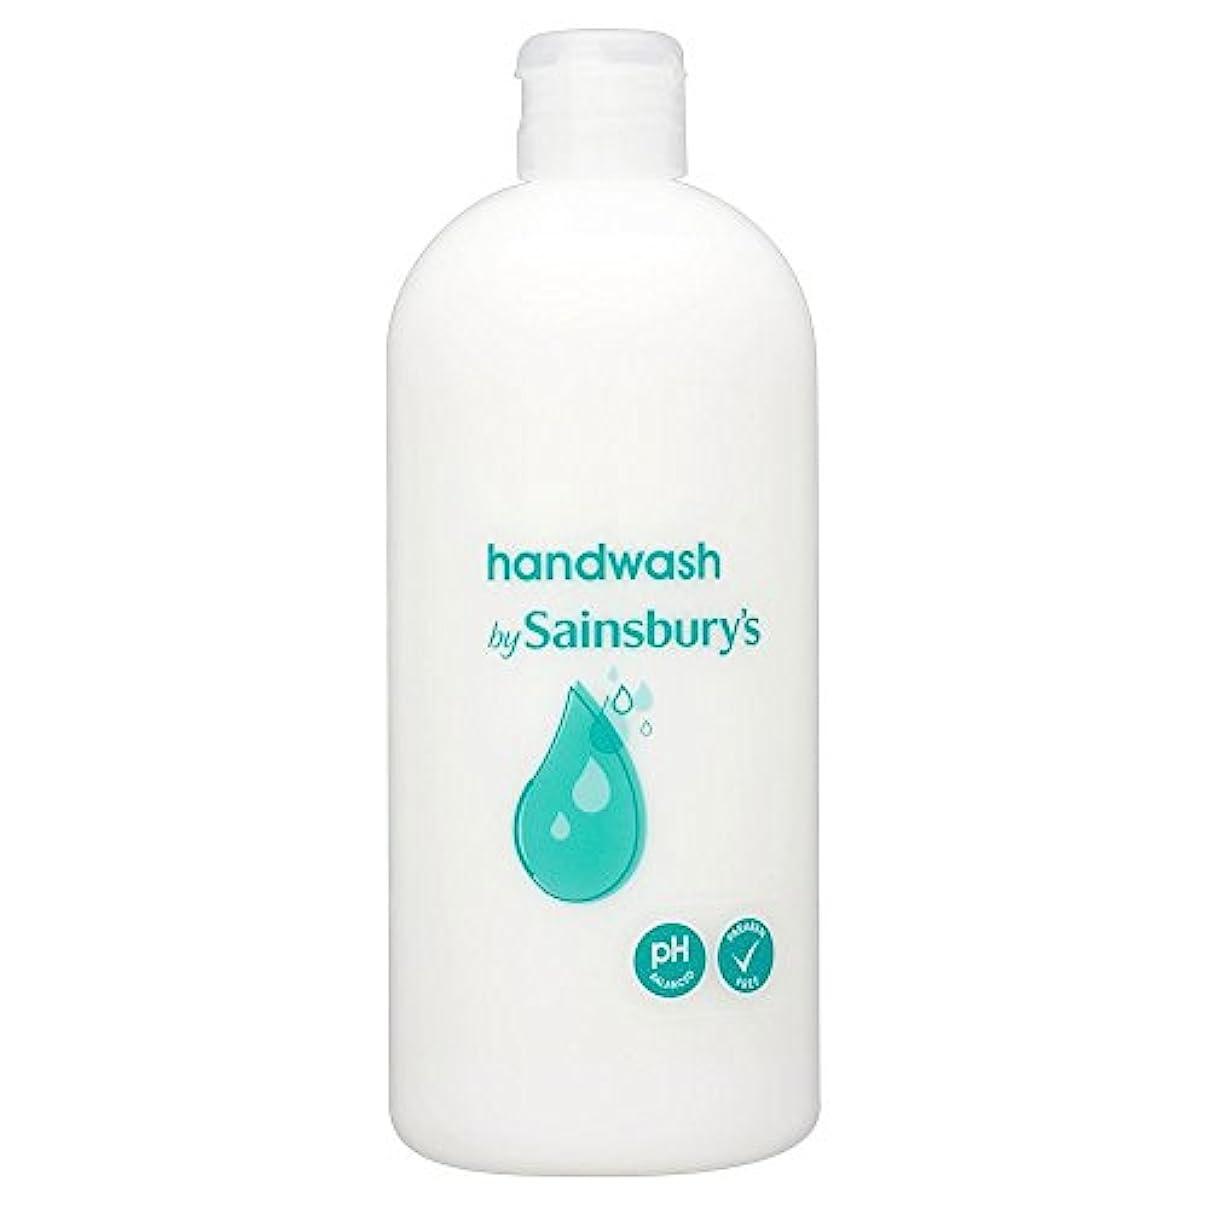 薄いエキサイティング効果的Sainsbury's Handwash, White Refill 500ml (Pack of 2) - (Sainsbury's) 手洗い、白リフィル500ミリリットル (x2) [並行輸入品]